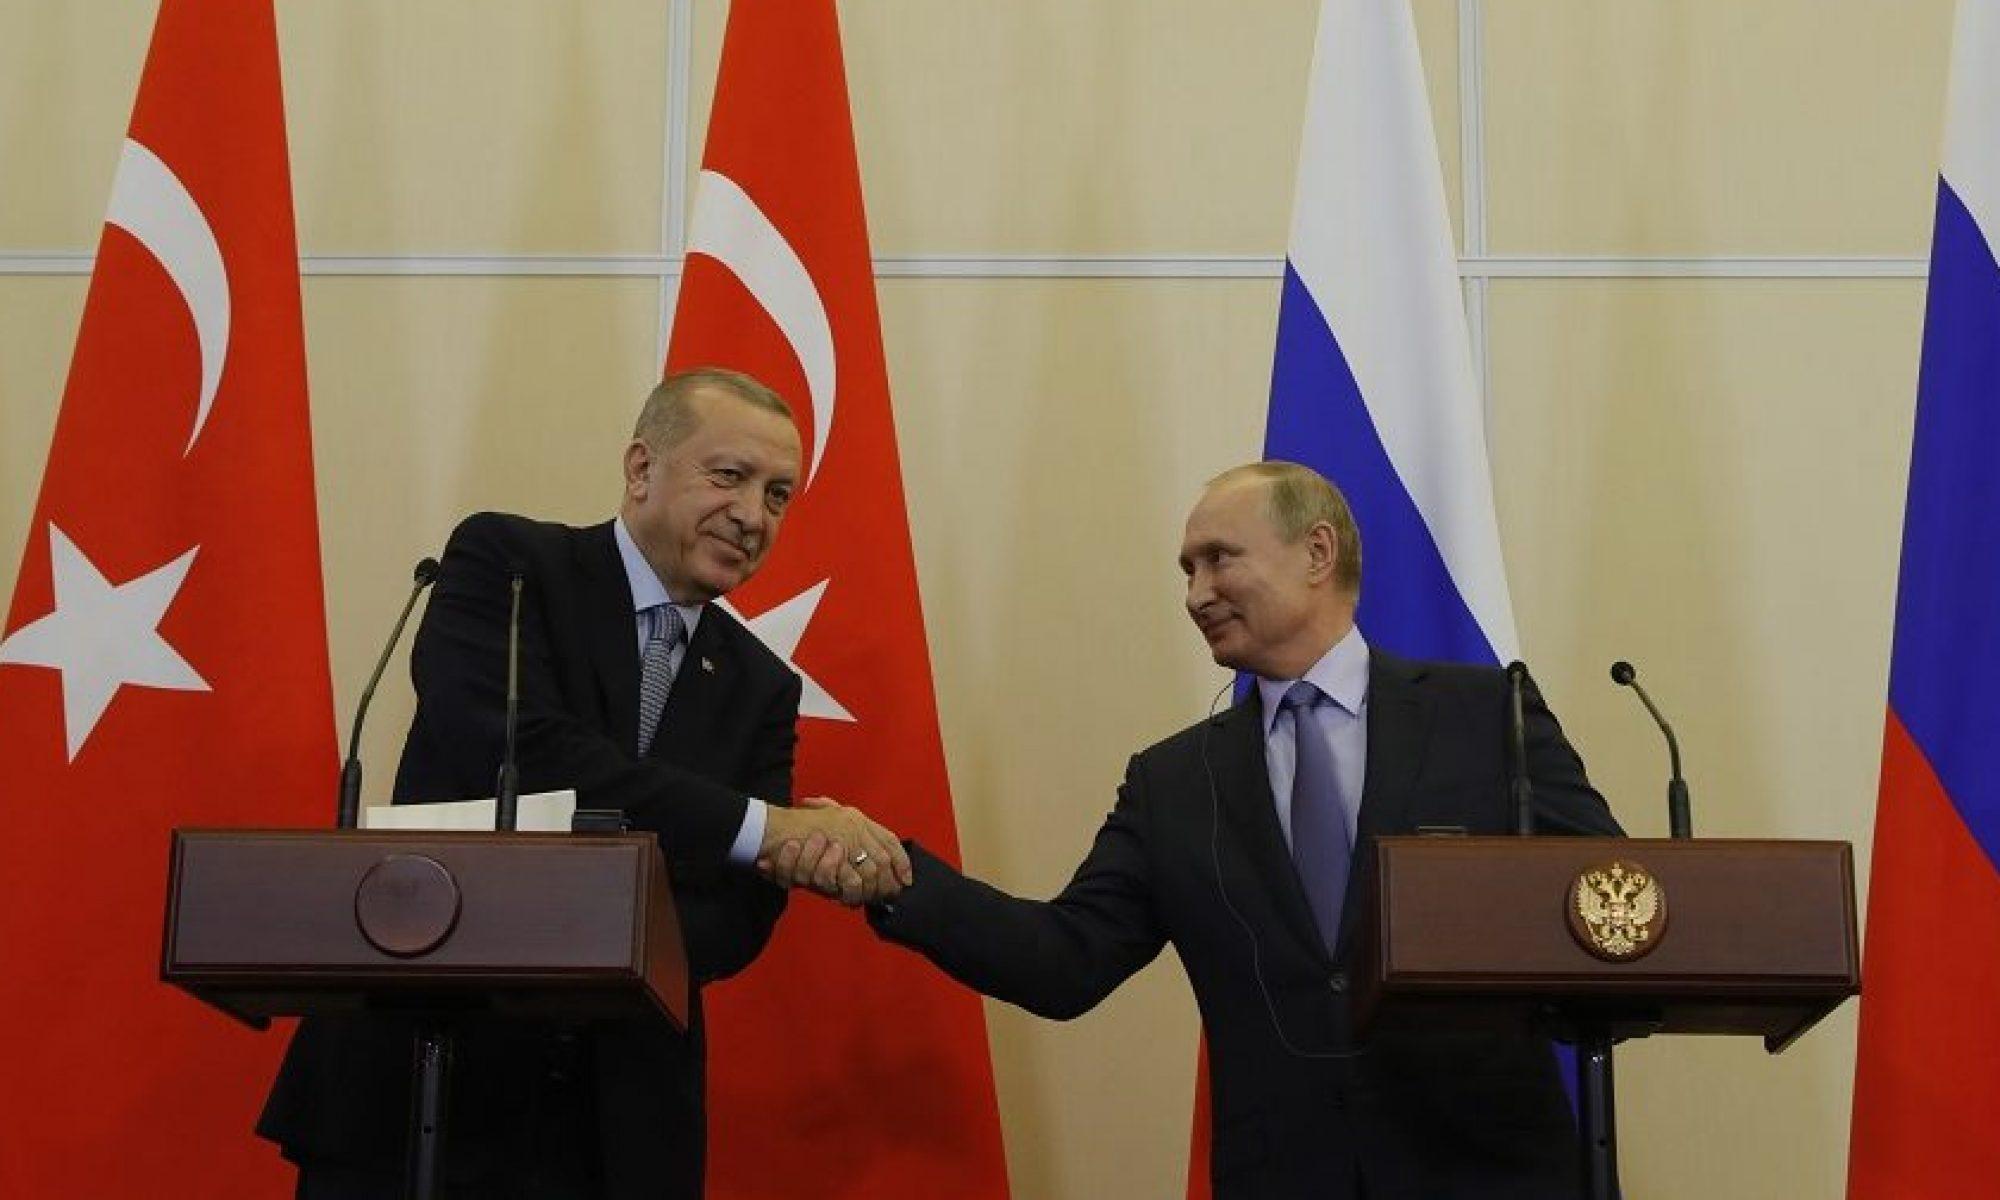 Soçi, Türkiye, Putin, Rojava RUSYA VE TÜRKİYE ROJAVA'YI KENDİ ARALARINDA PAYLAŞTI